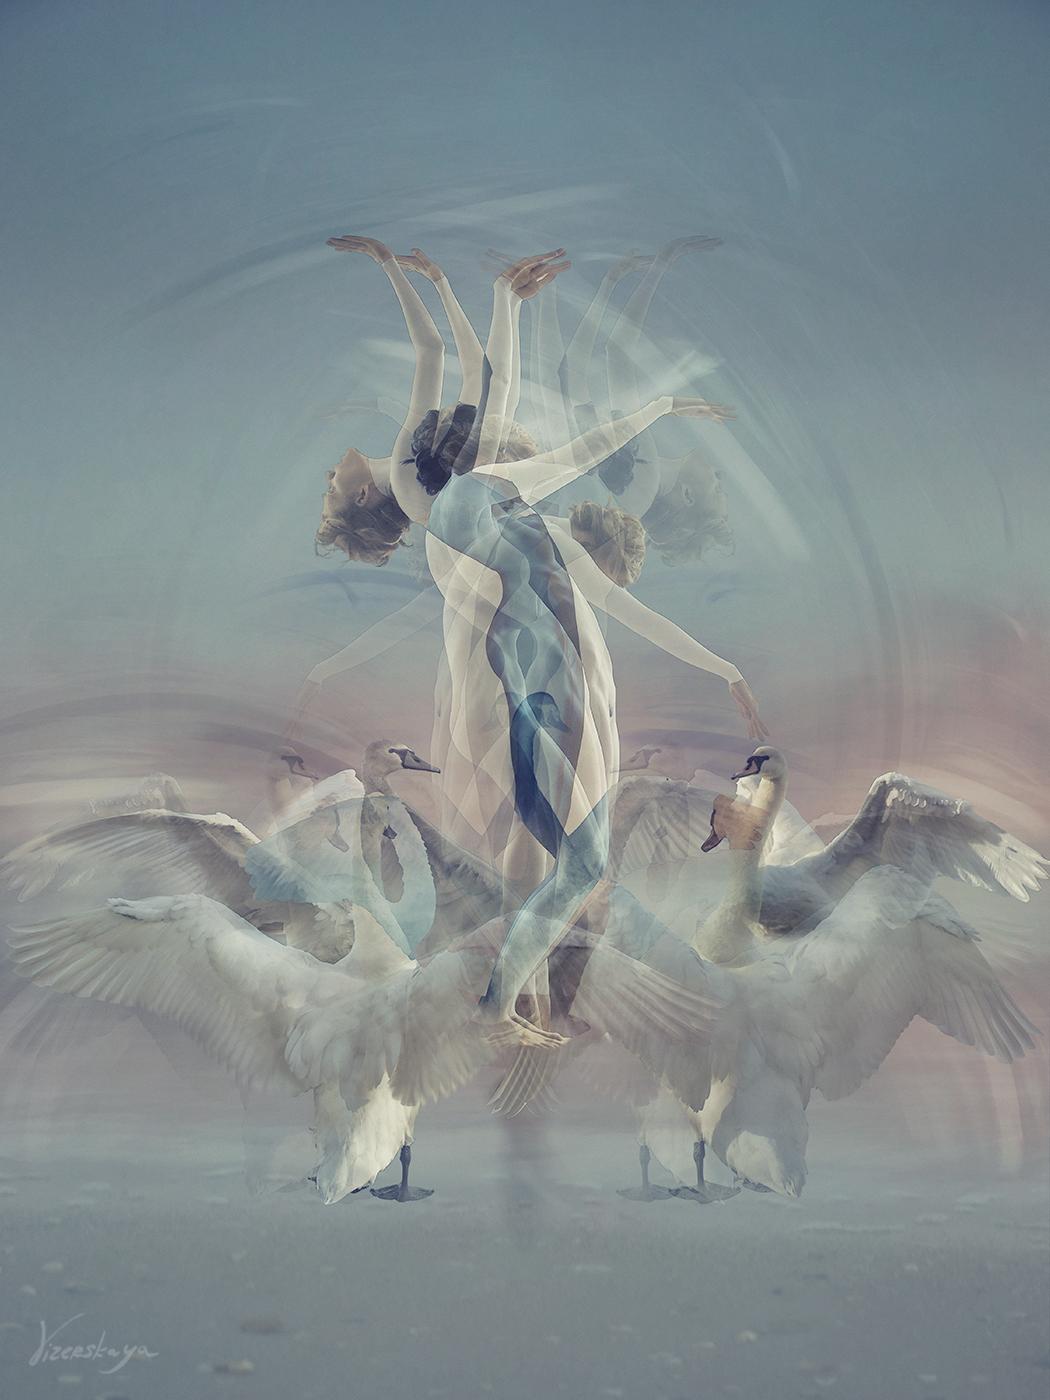 ужжас 13 декабря 2012 fucking birds они машут крыльями как жженщины руками!